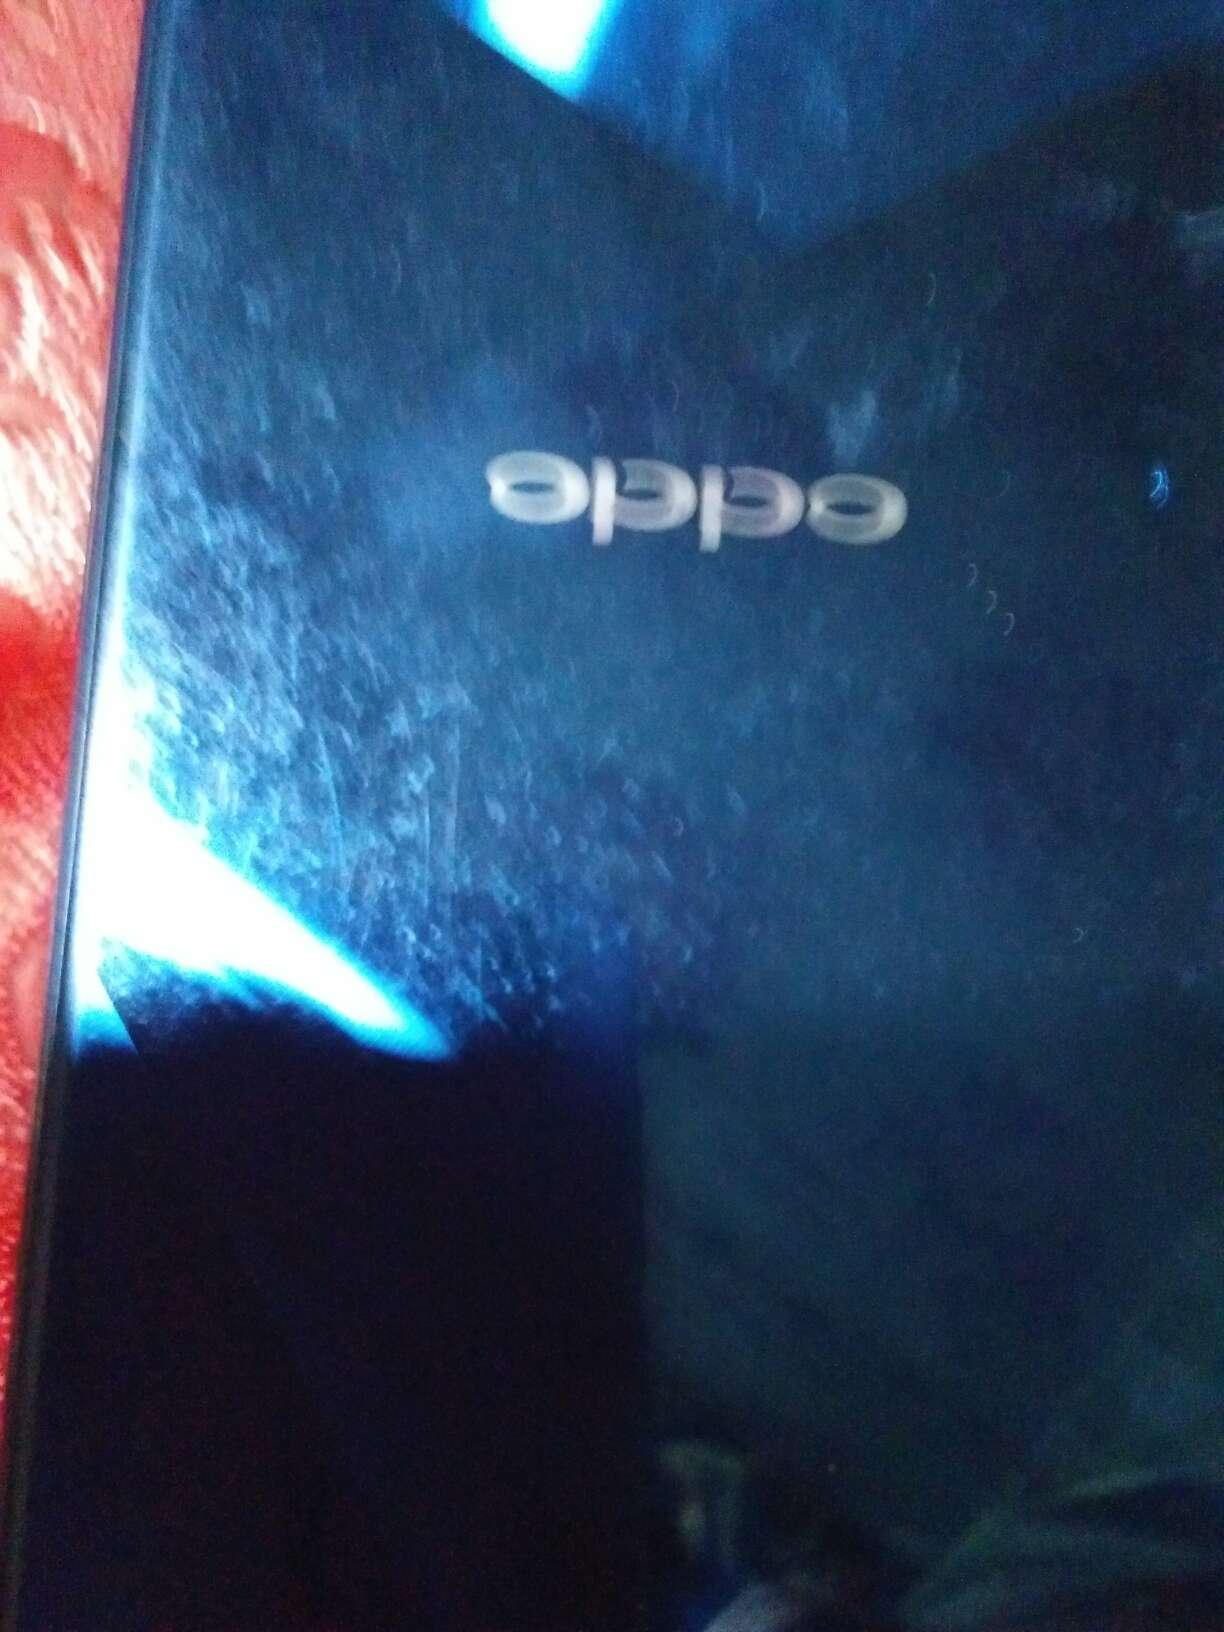 我买了OPPOA5手机屏幕锁了密码不知道了那样解锁